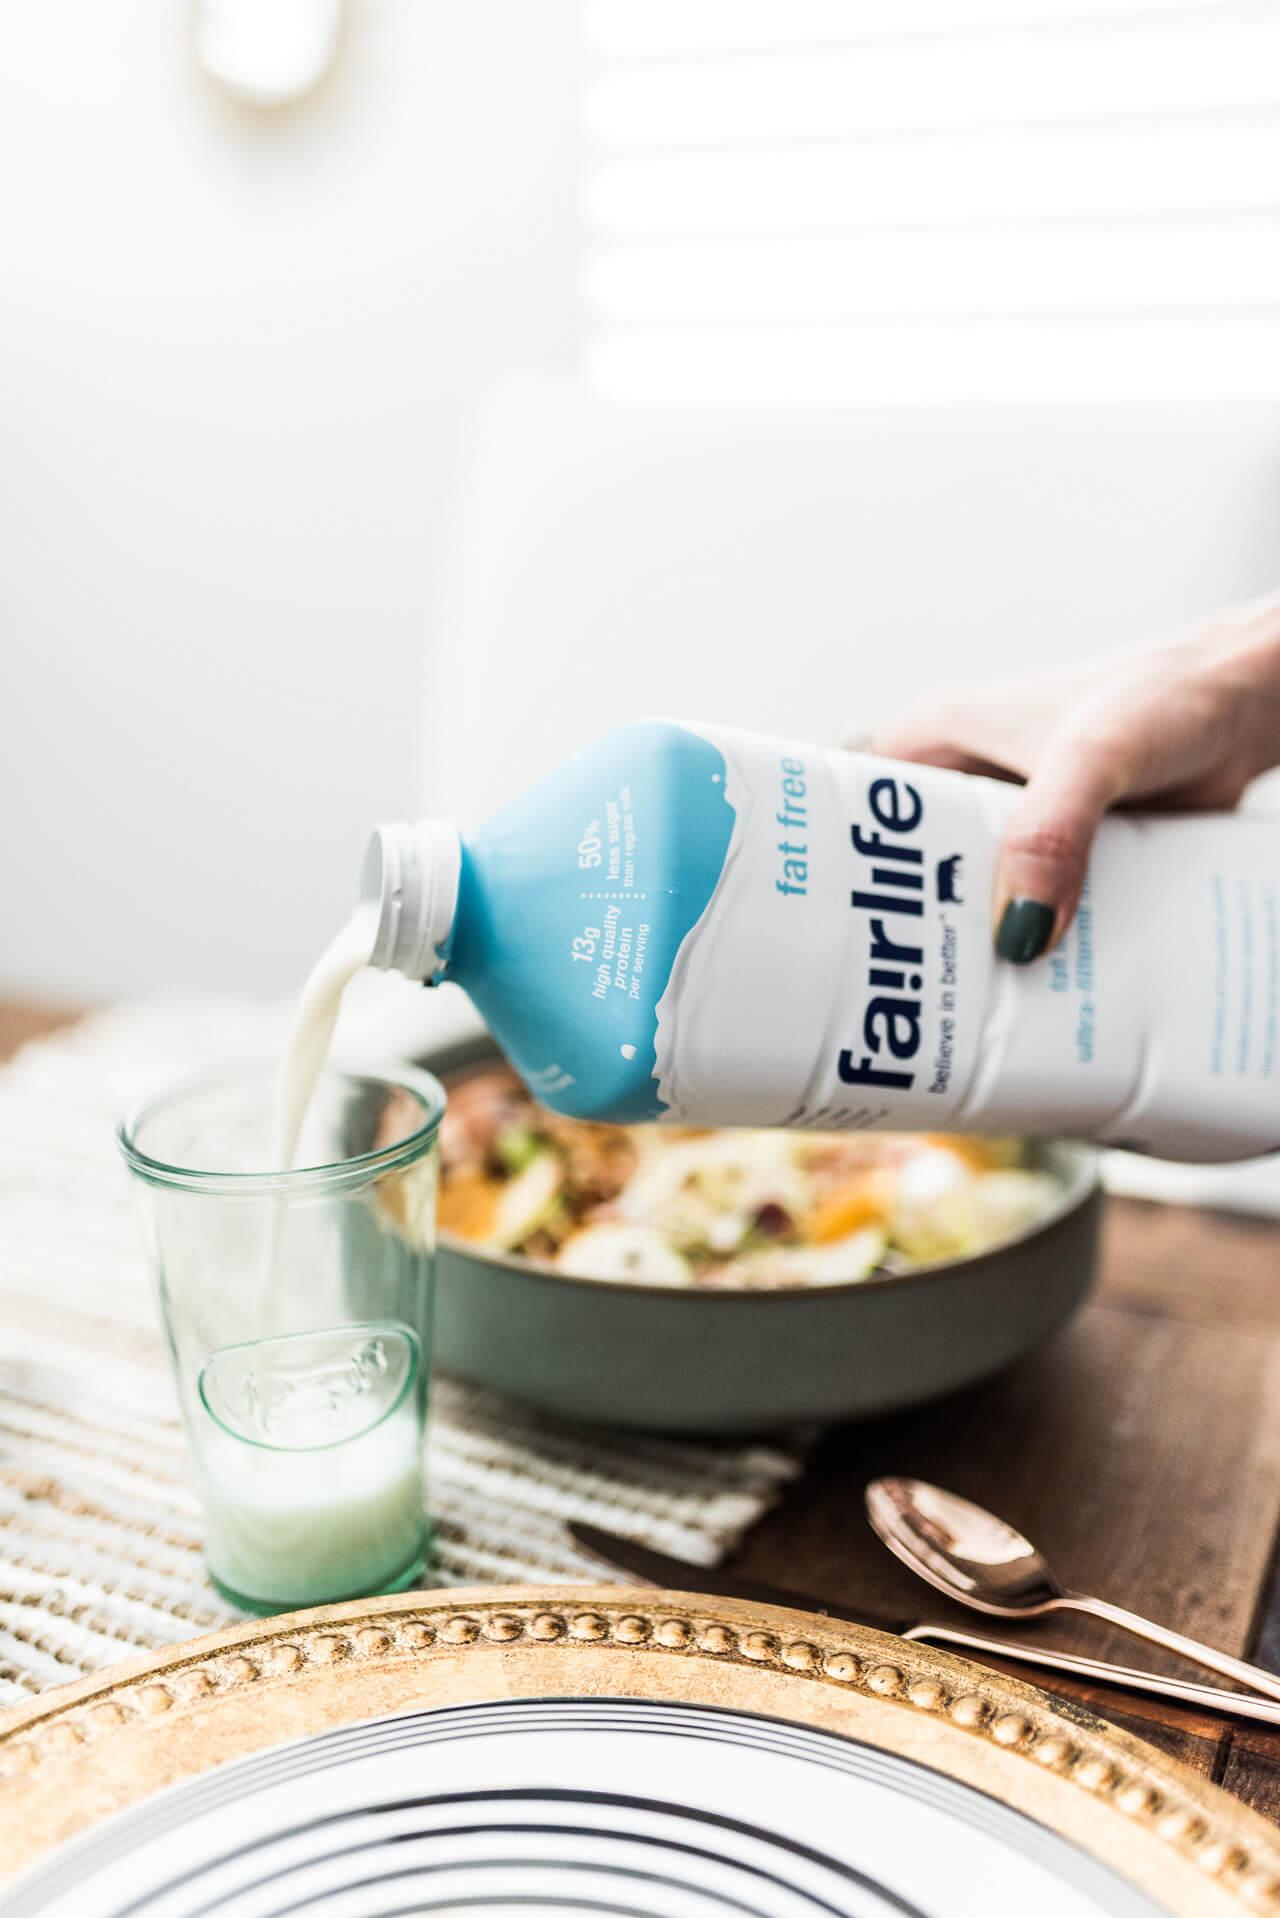 fairlife milk with dinner